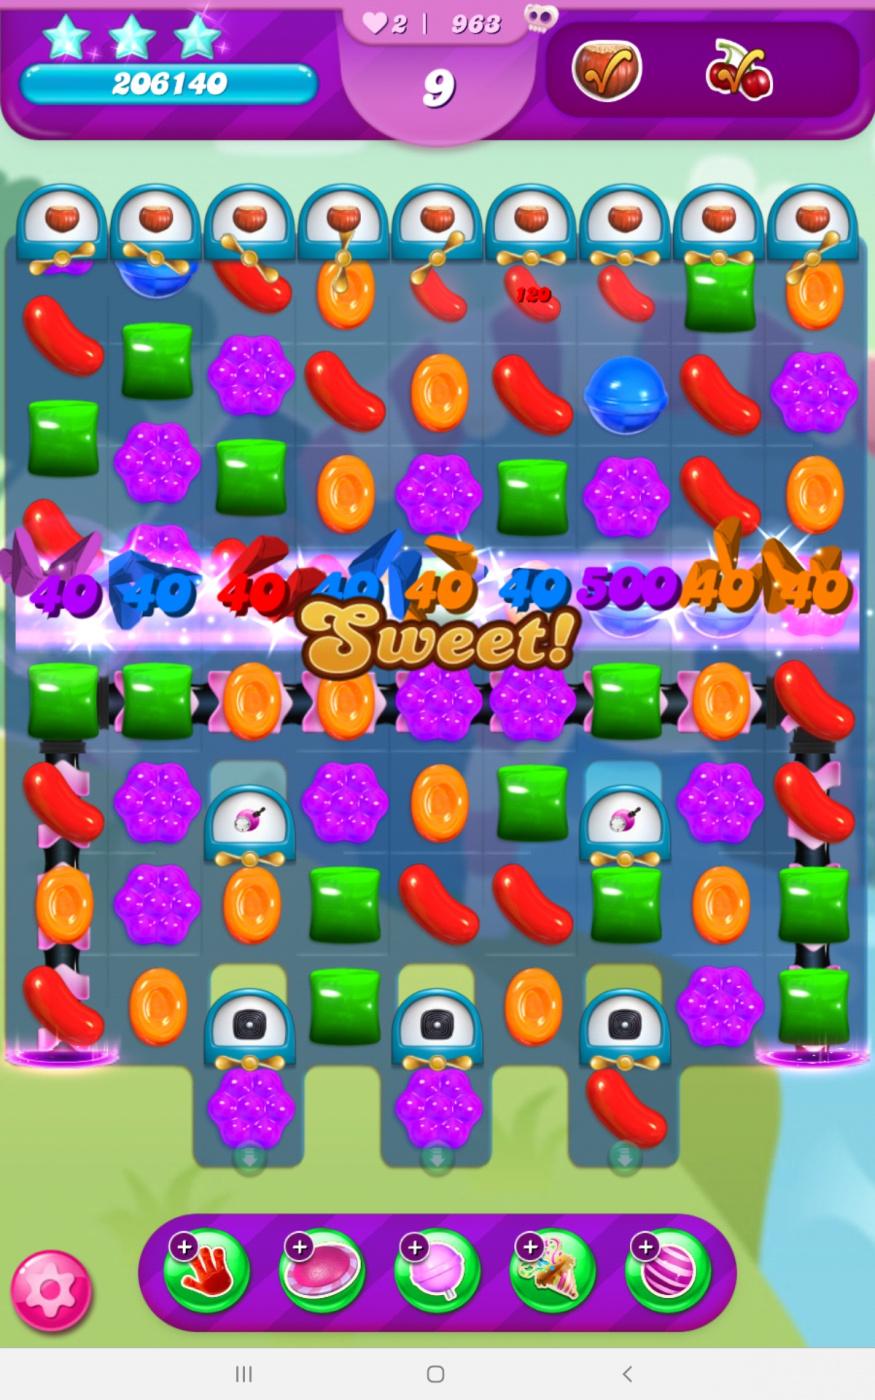 Screenshot_20210120-152052_Candy Crush Saga.jpg